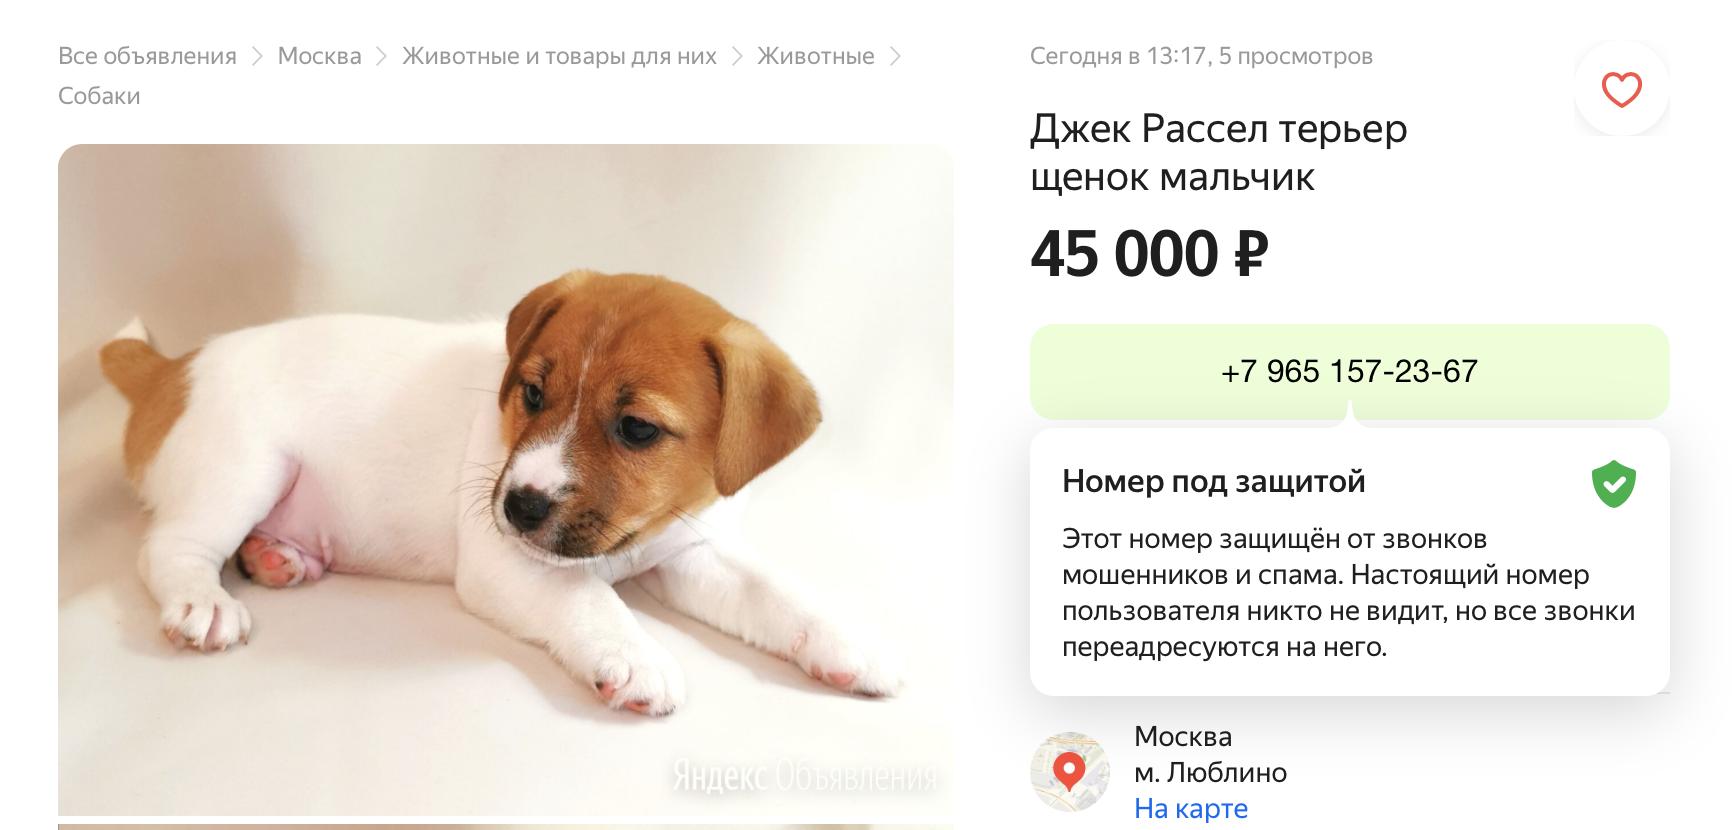 Сервис Яндекс.Объявления начал скрывать настоящие номера пользователей